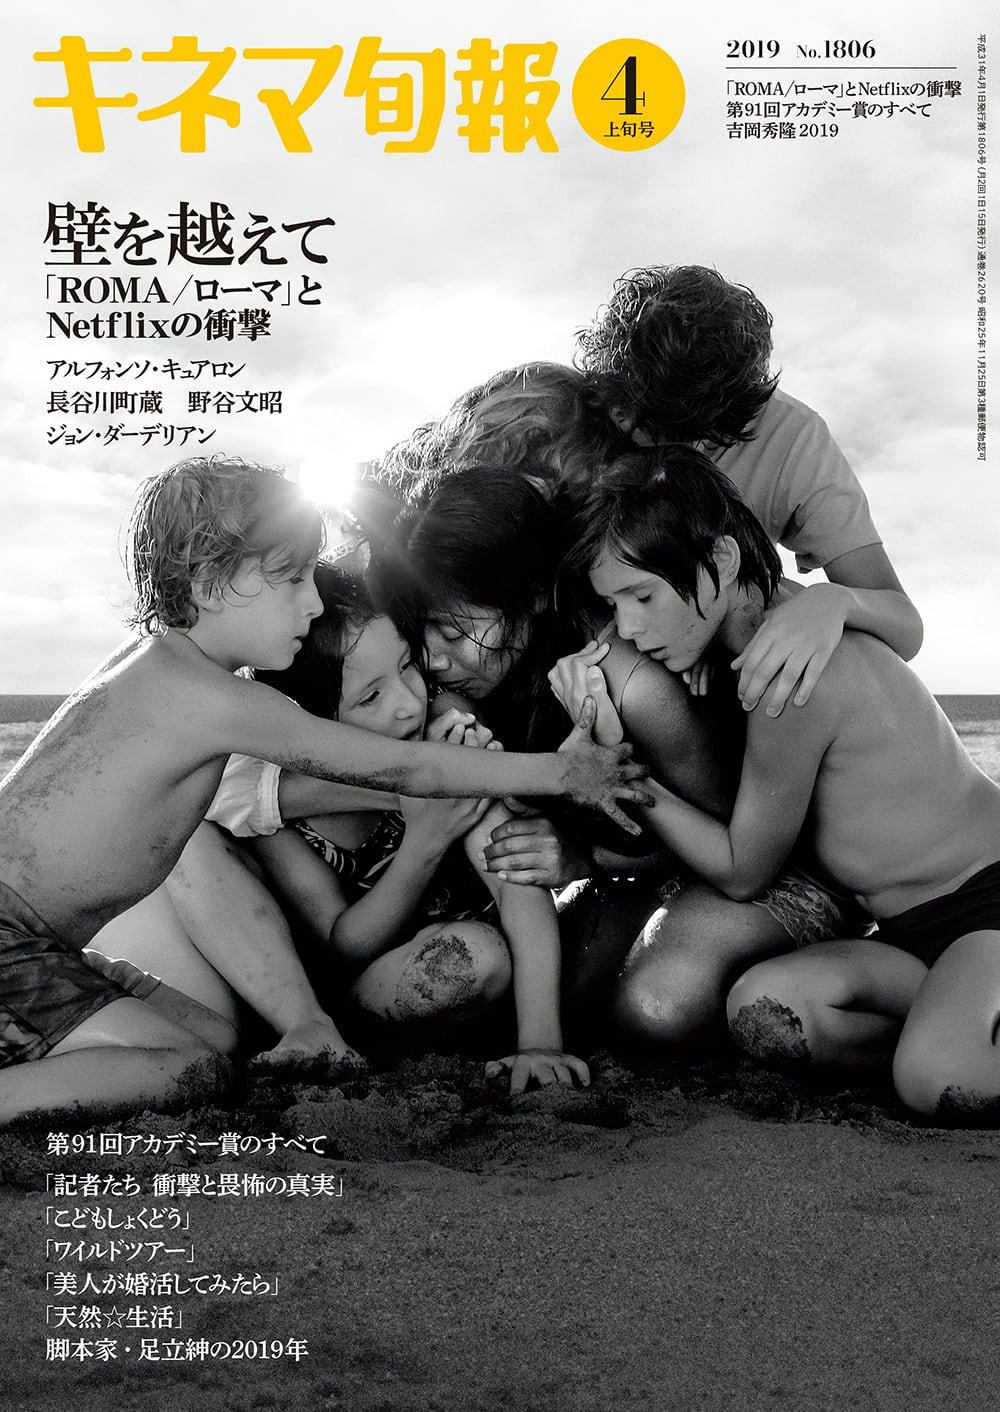 キネマ旬報 2019年4月上旬号(No.1806)